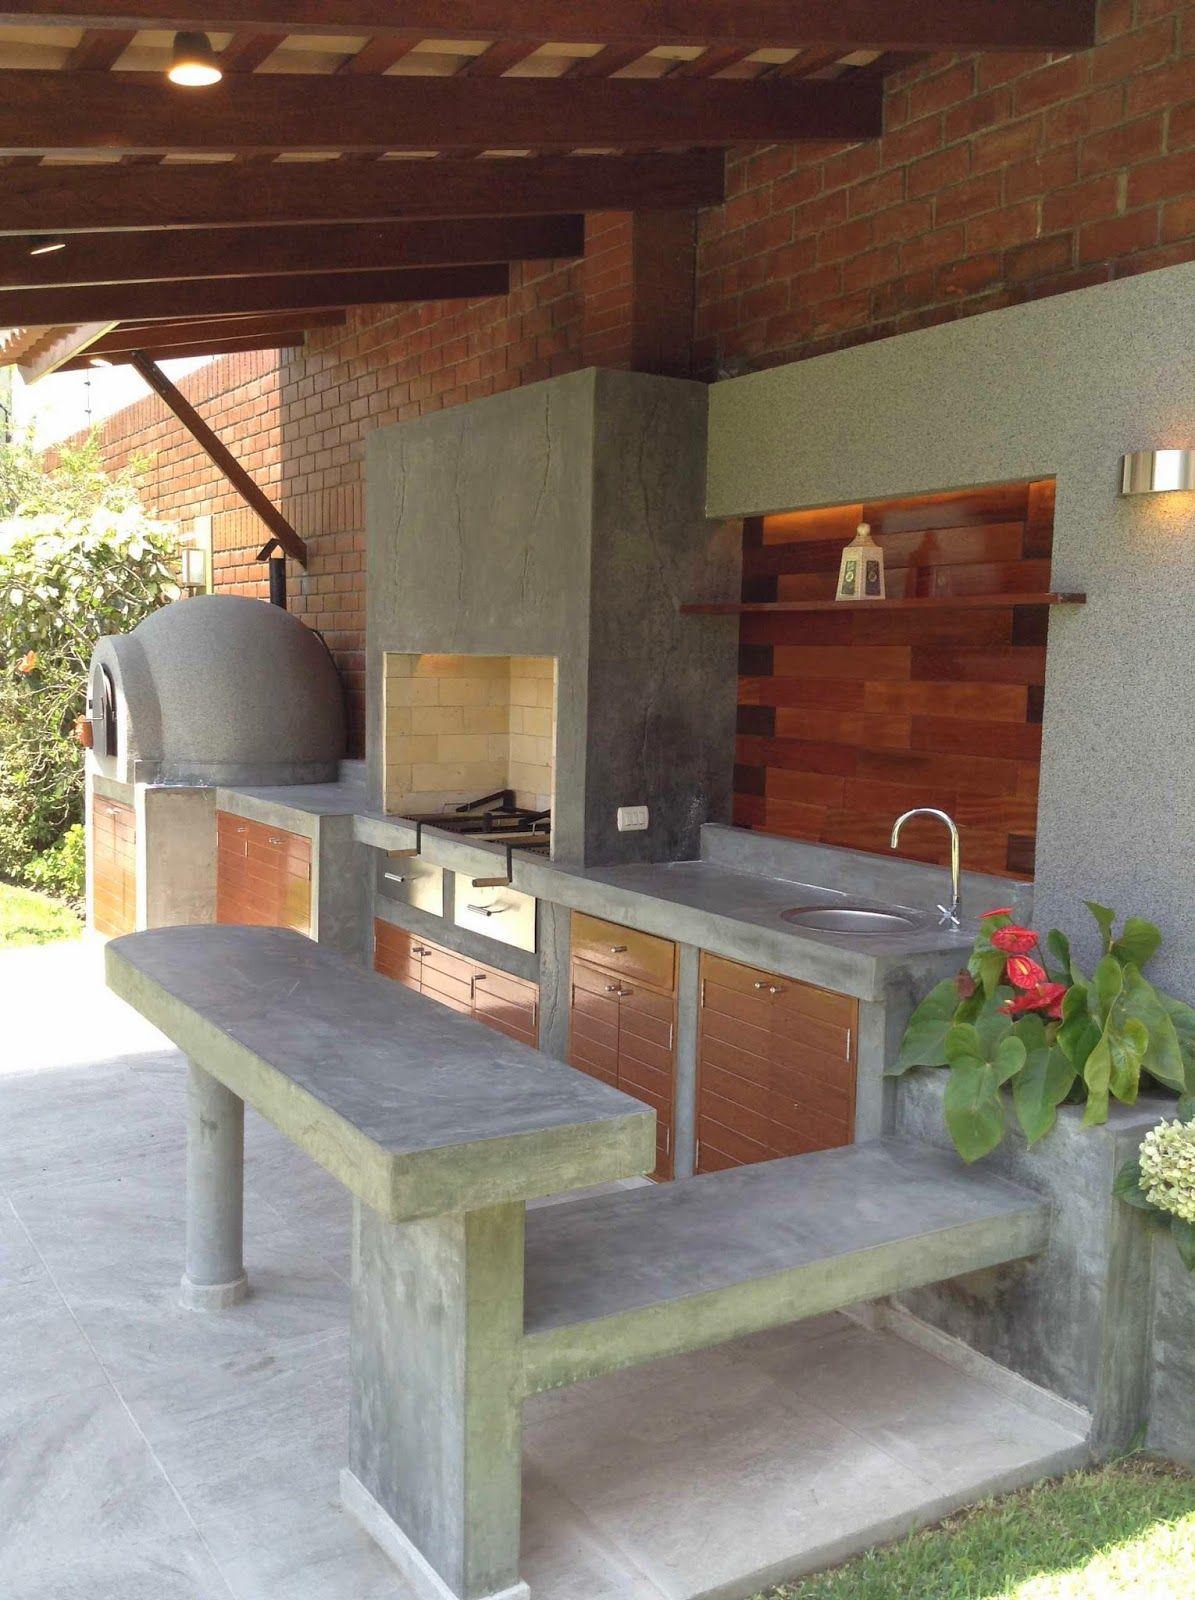 Oniria antes y despu s parrilla remodelada parrillas for Modelos de cocinas al aire libre